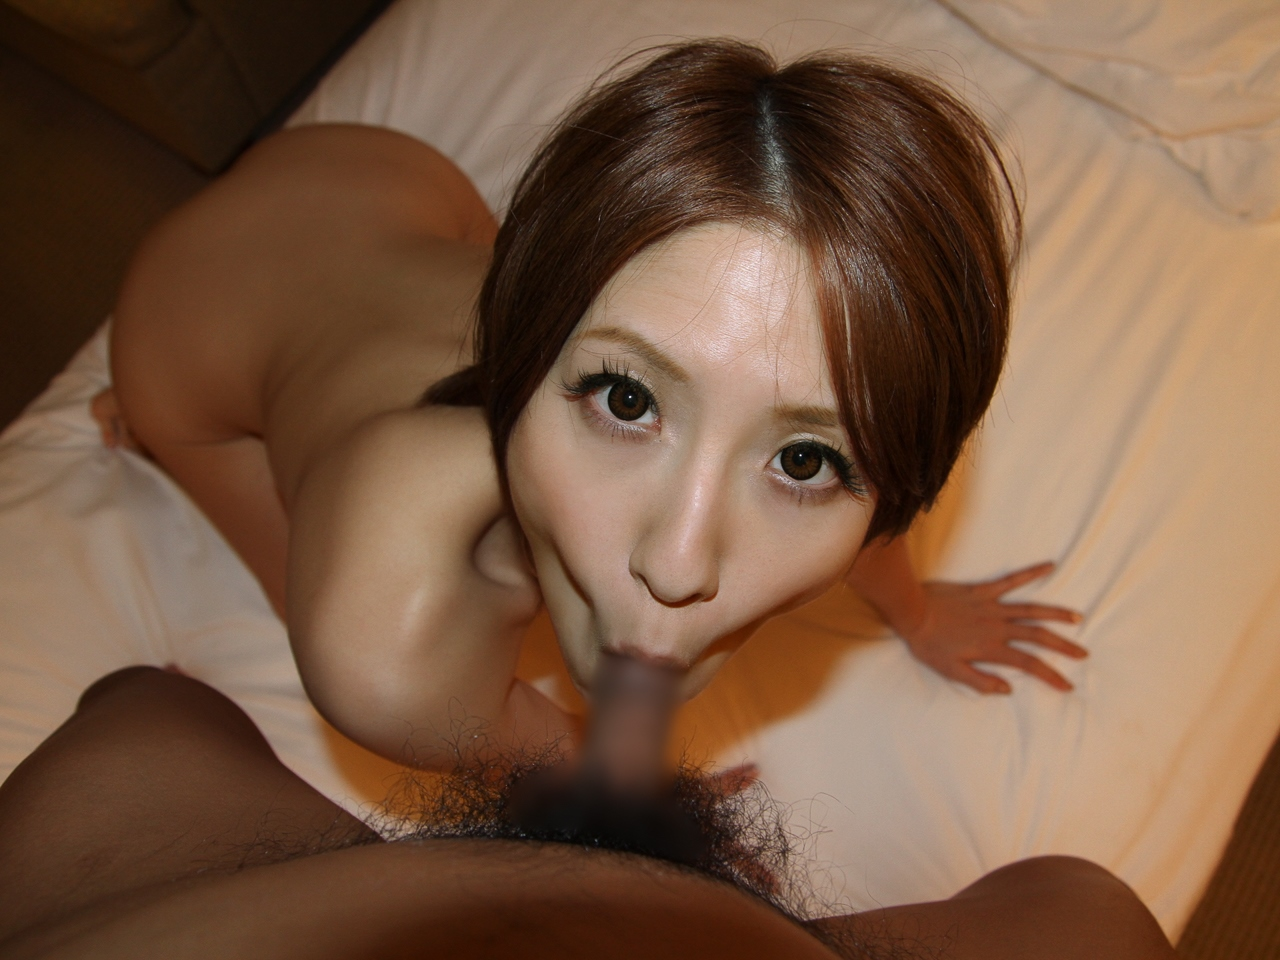 【フェラチオエロ画像】窄ませた頬が快感の秘密!?ディープスロートw